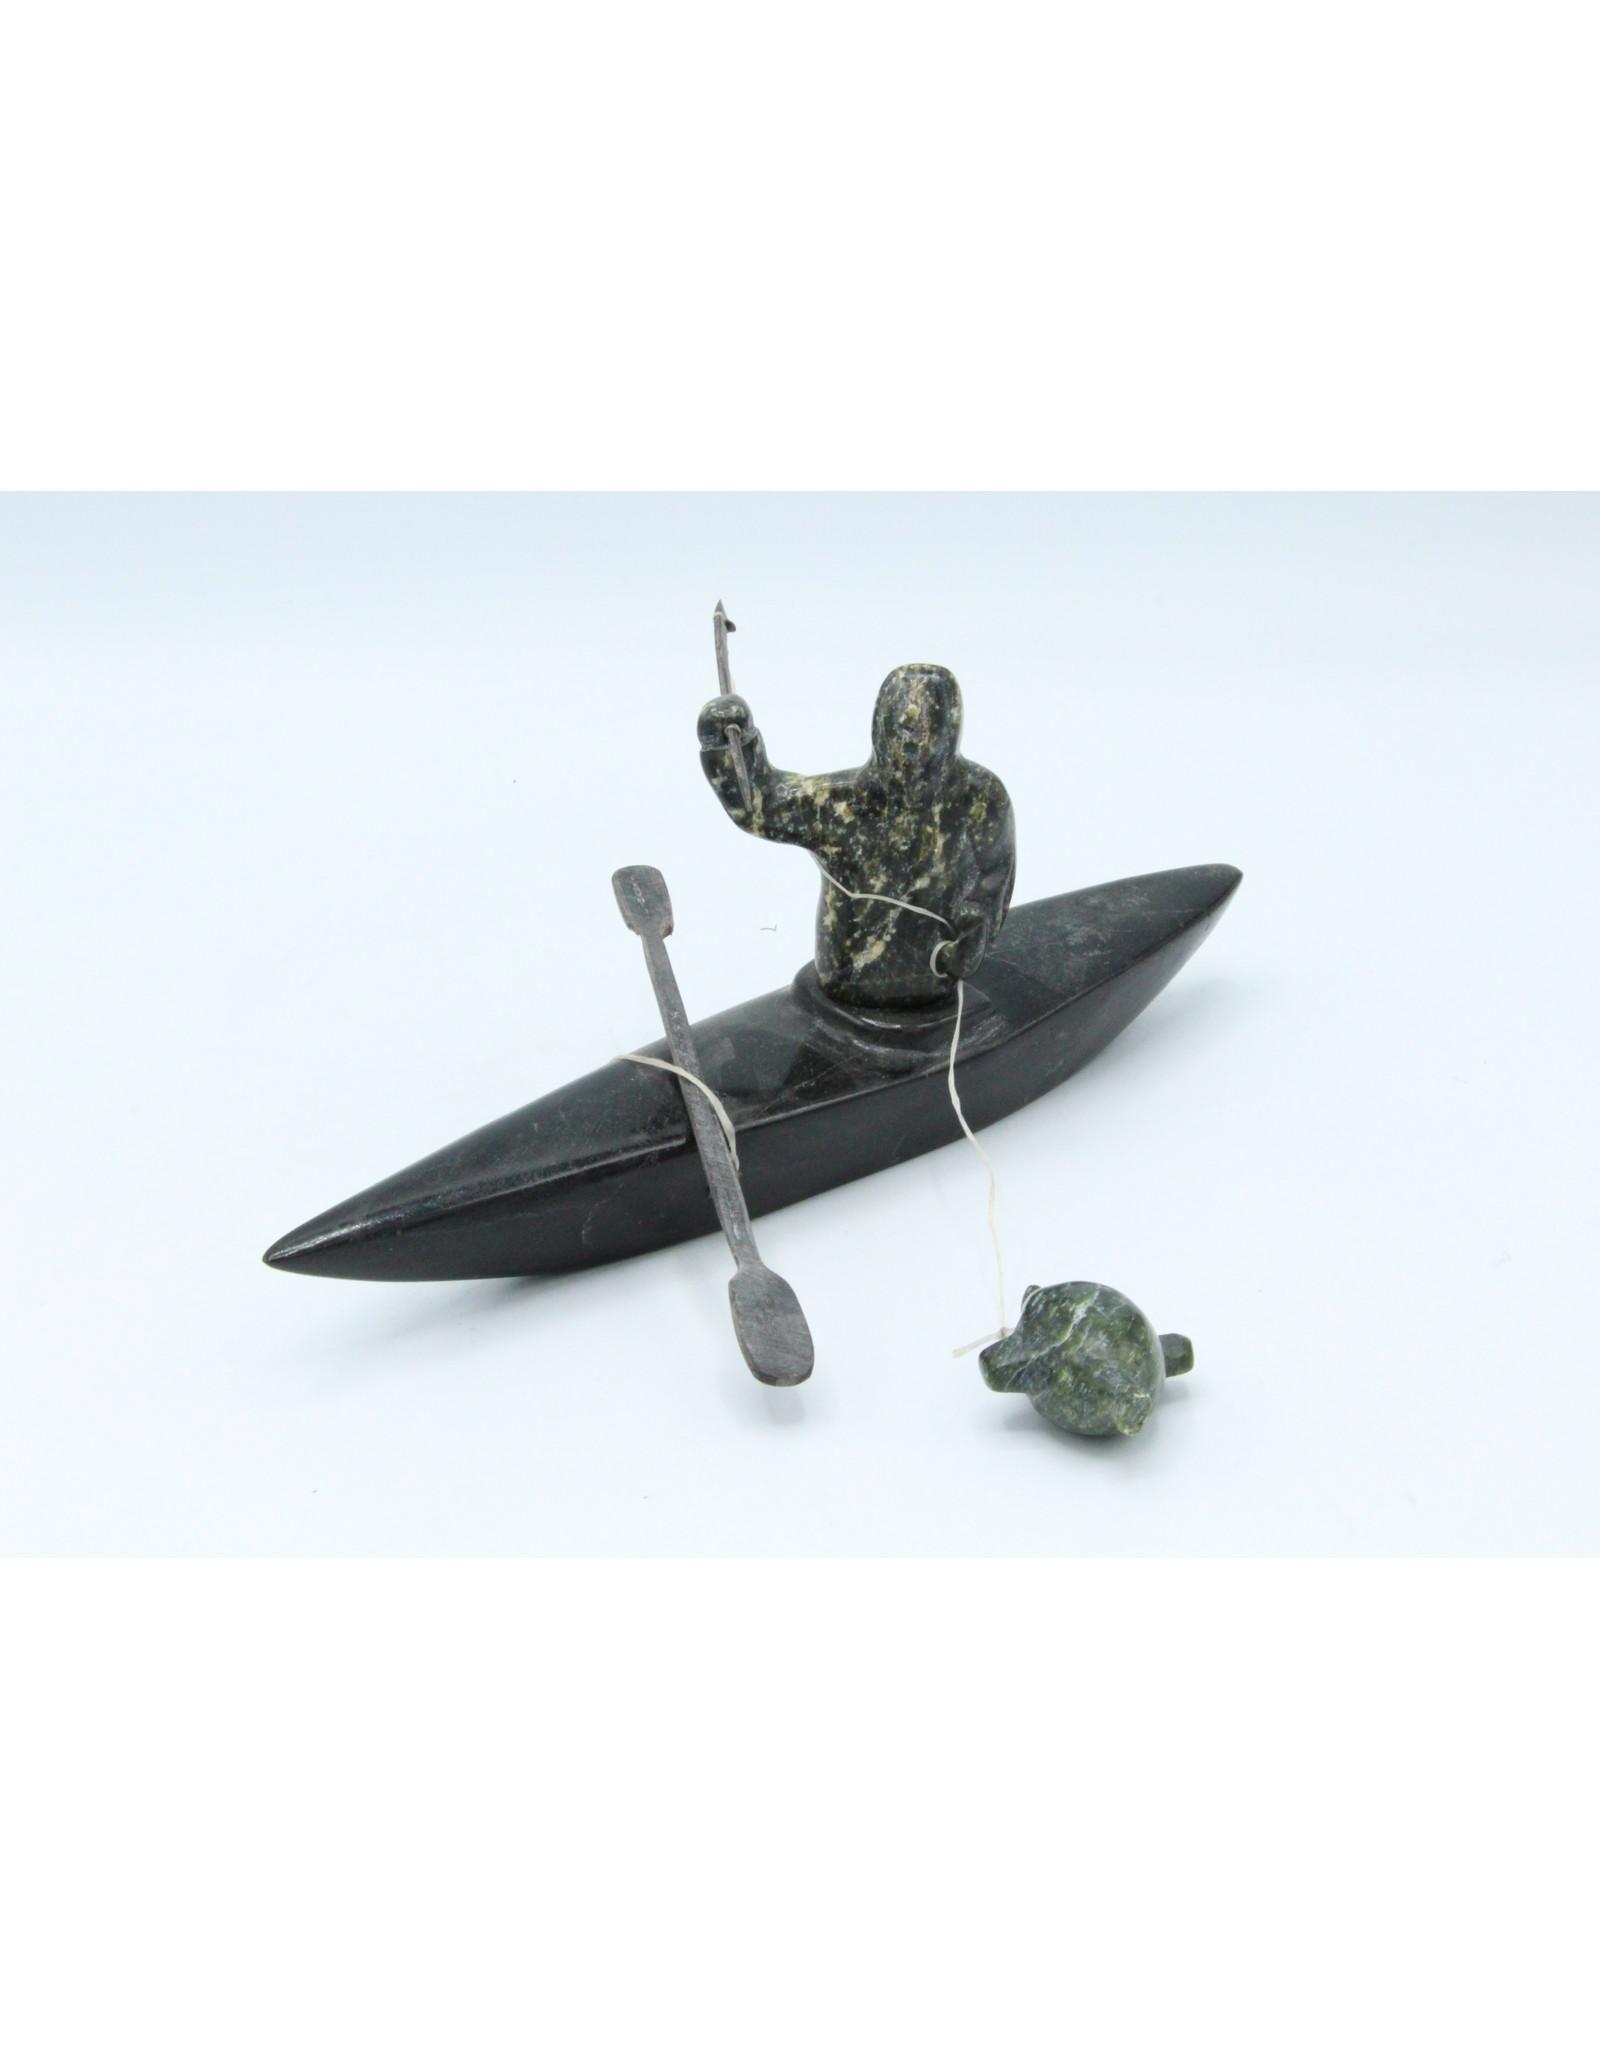 61799 Kayak by Pitts Qimirpik